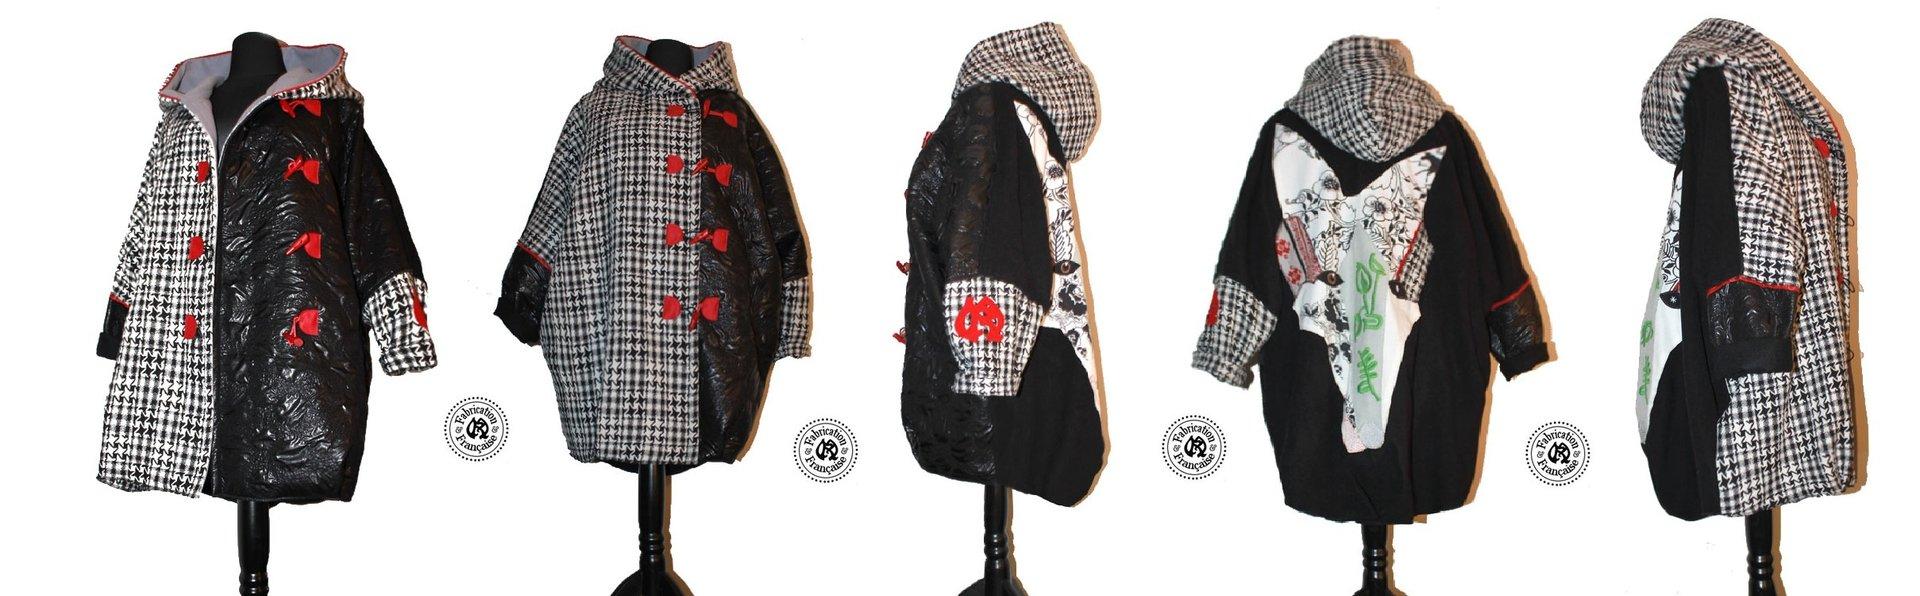 manteau veste caban drap de laine m lang noire style duffle coat patchwork femme grande taille. Black Bedroom Furniture Sets. Home Design Ideas